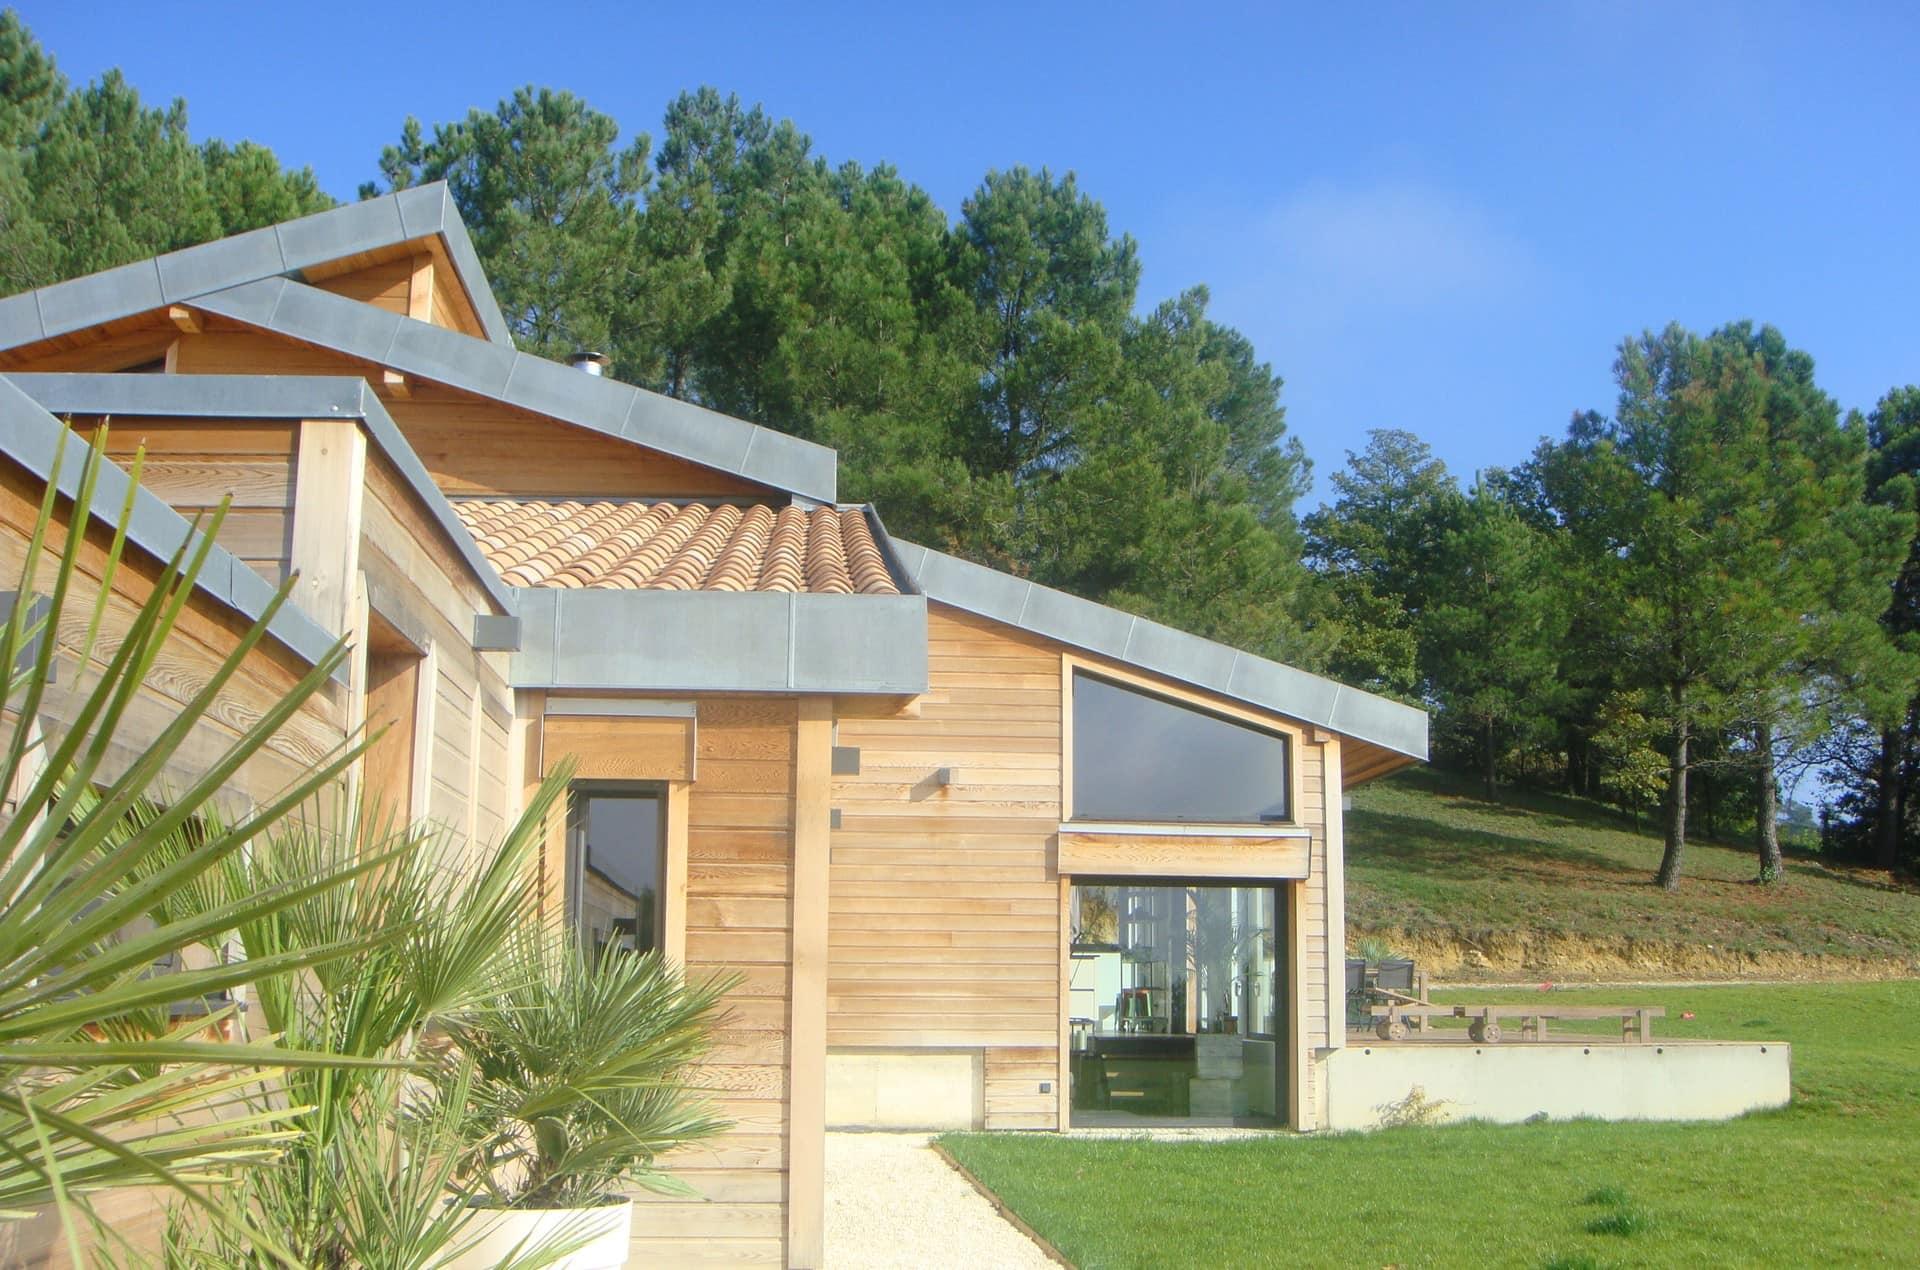 architec-maison-ossature-bois-exterieur-jardin